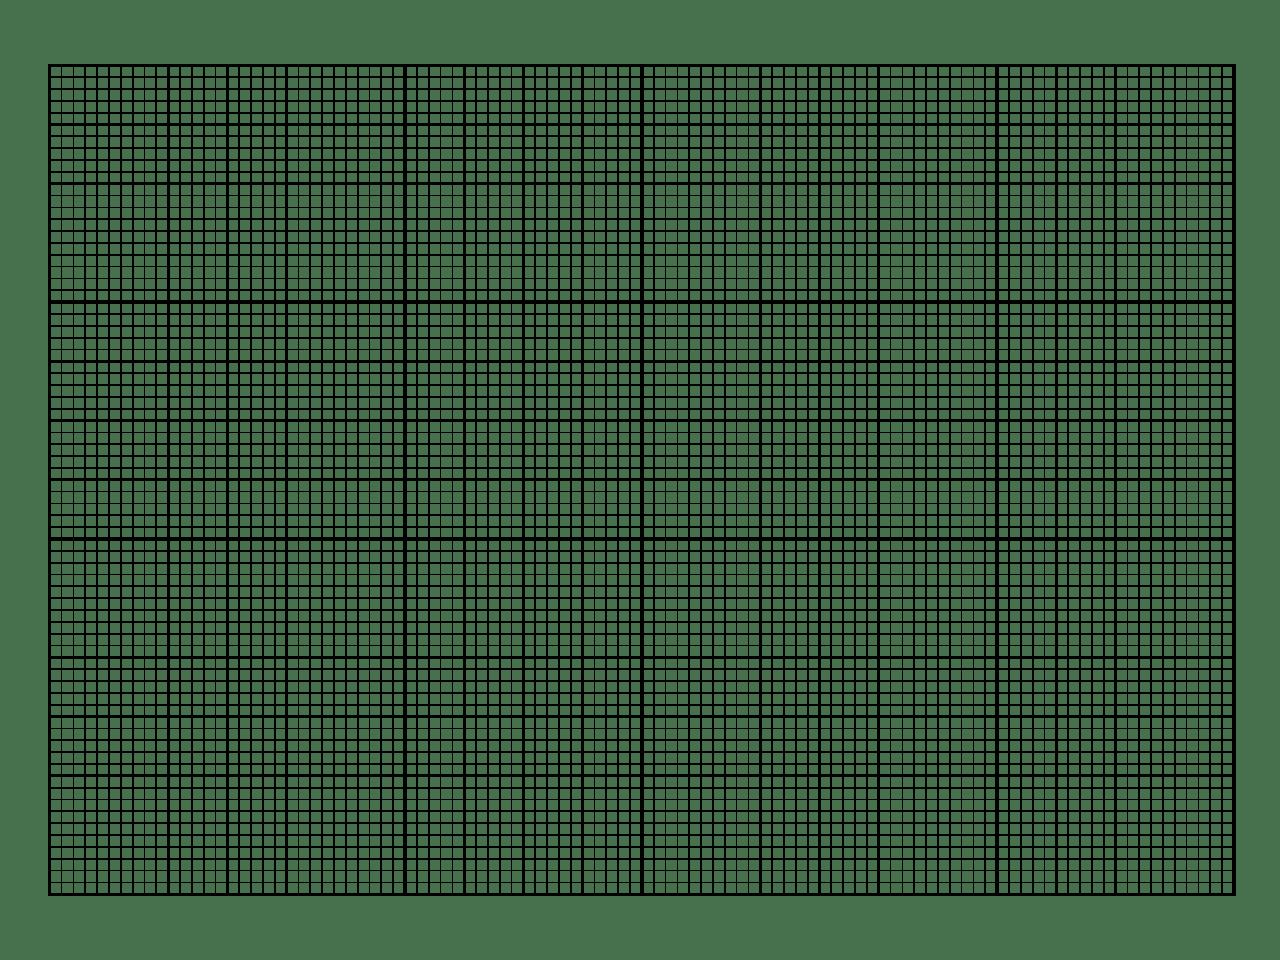 File Millimeterpapier 70 X 100 Mm Svg Kebut